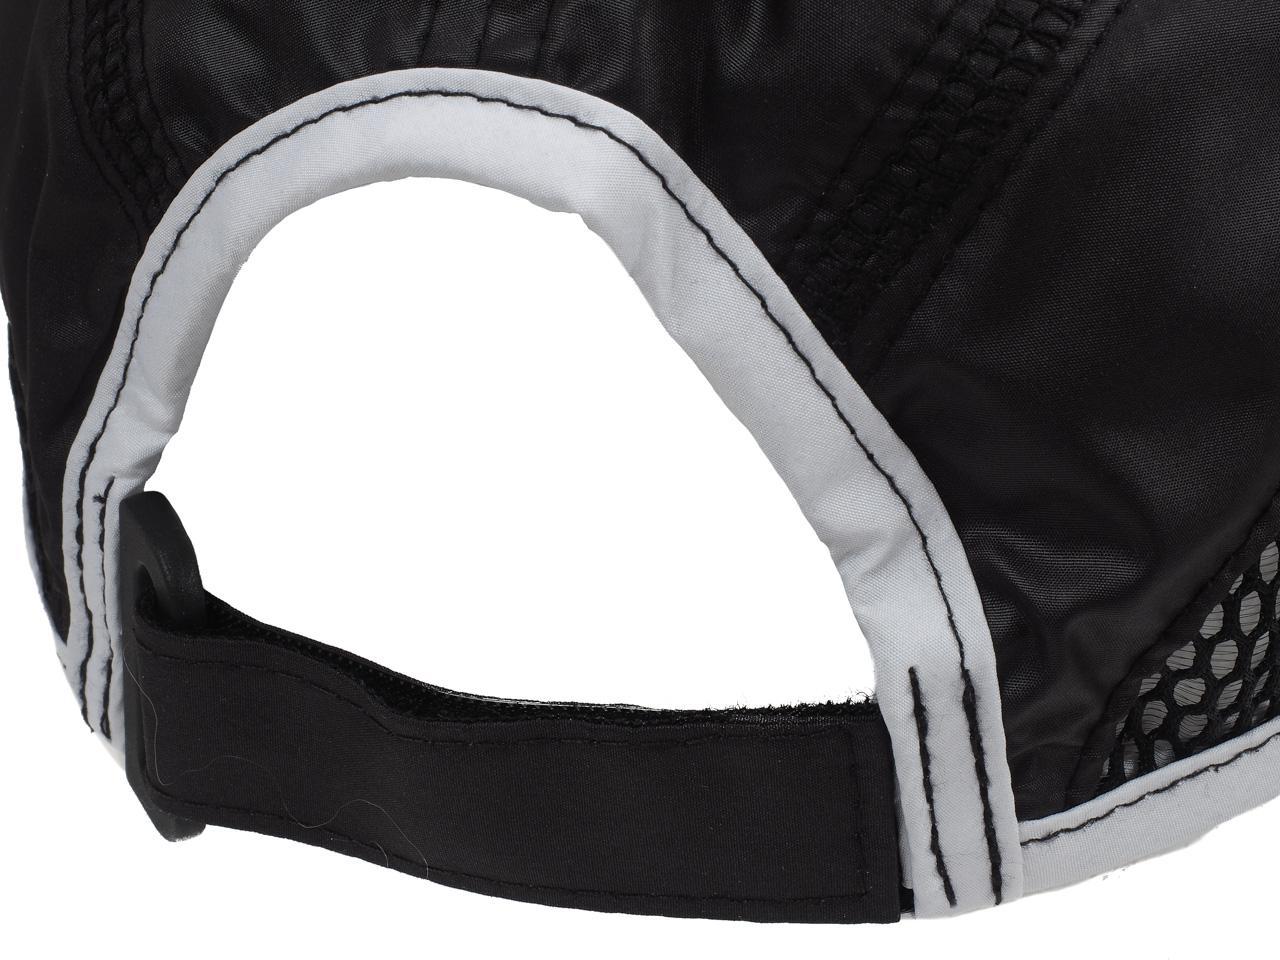 Casquette-Ea7-Five-panel-noir-cap-Noir-51603-Neuf